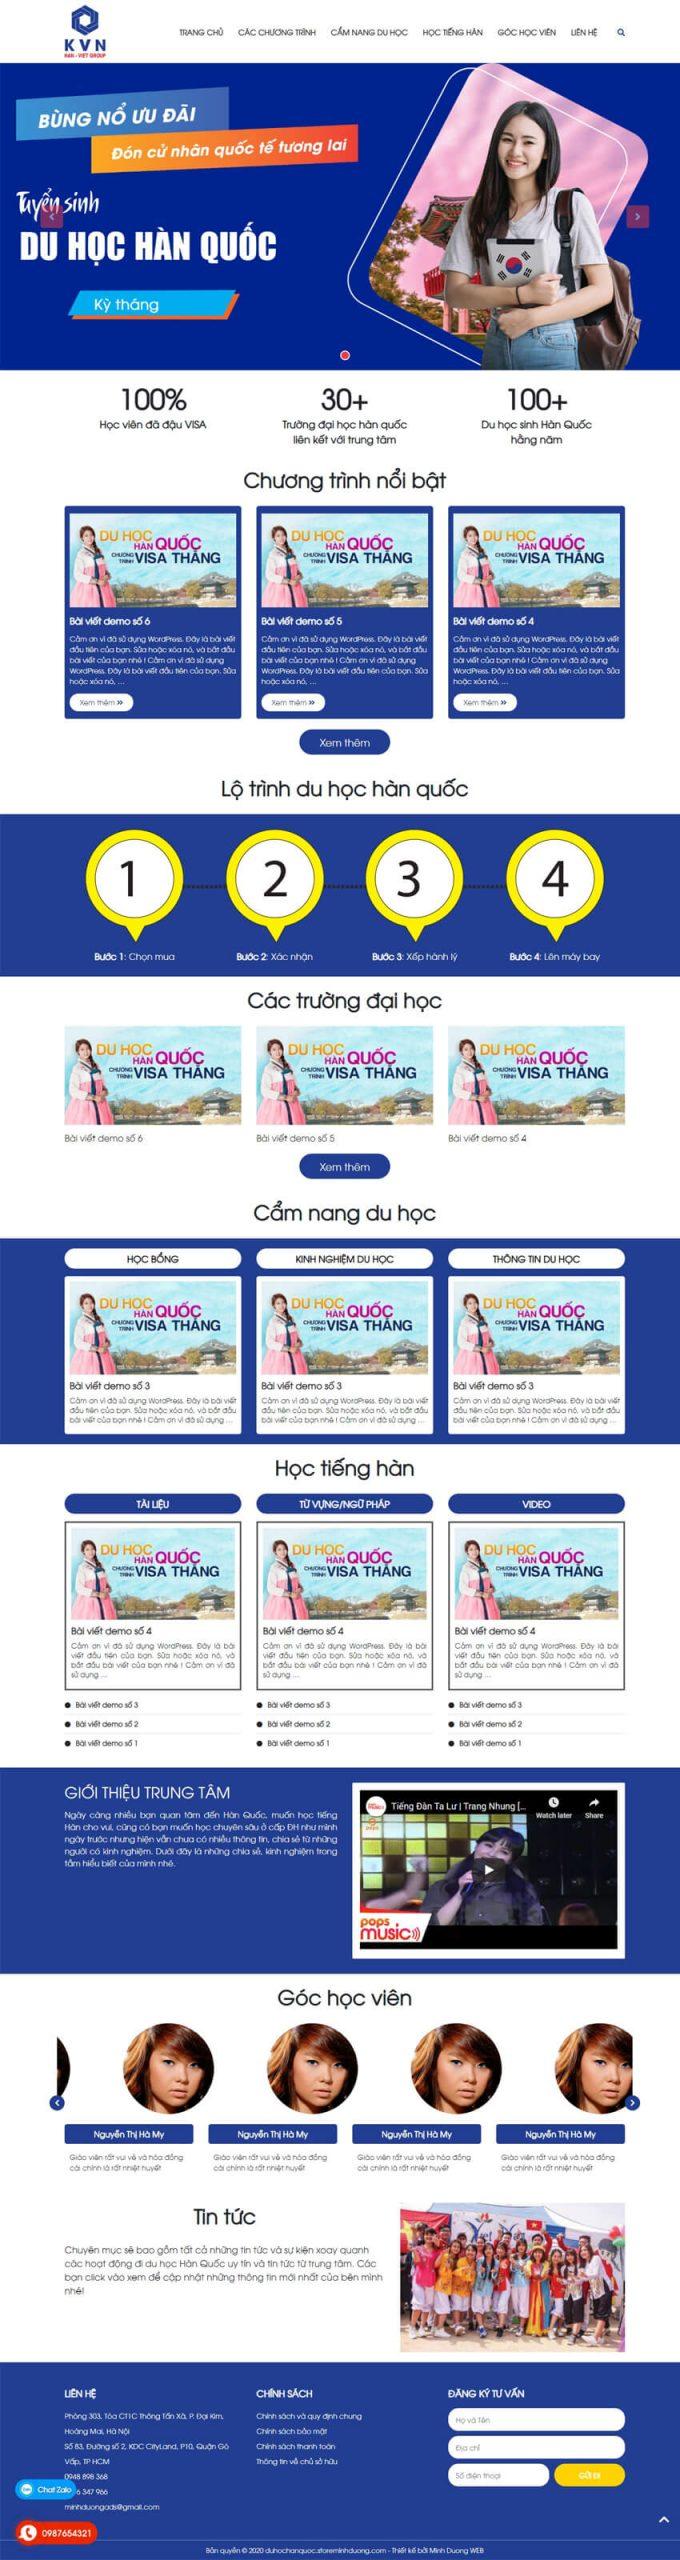 Web du học Hàn Quốc